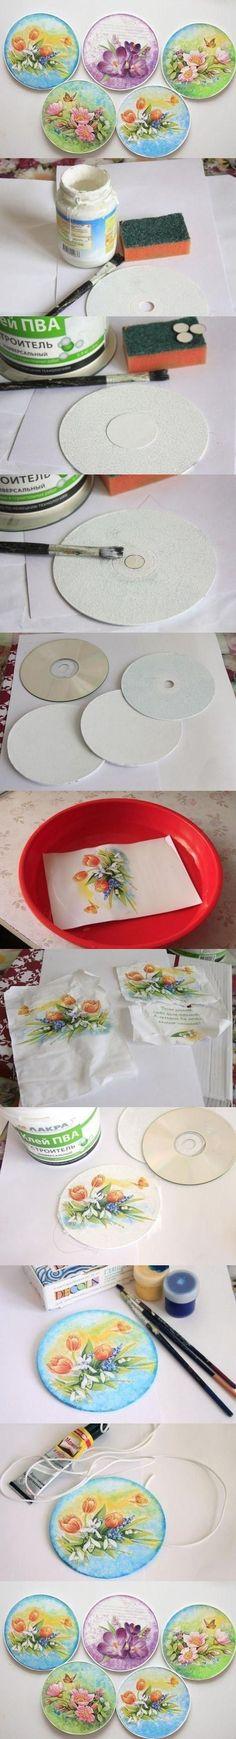 DIY Nice Old CD Paintings DIY Projects | UsefulDIY.com Follow Us on Facebook ==> http://www.facebook.com/UsefulDiy #decoupage